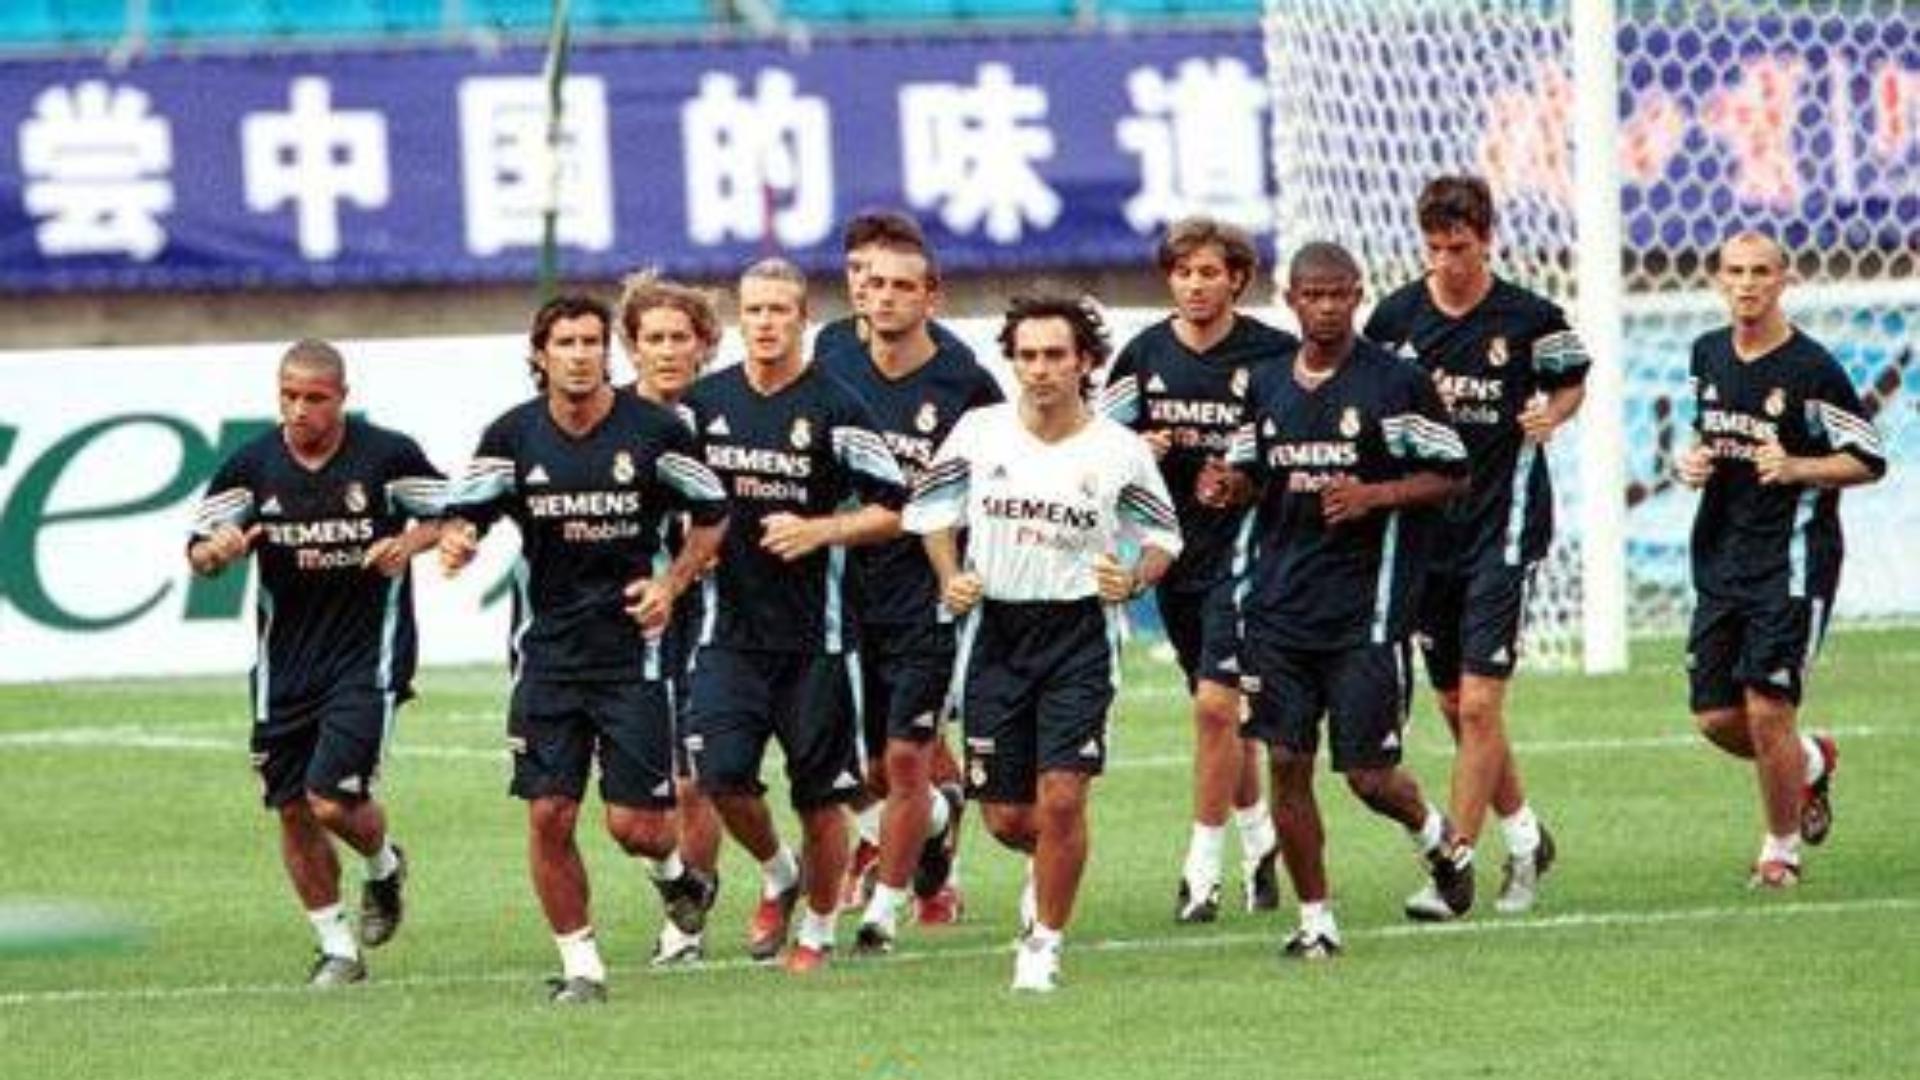 2003年皇马亚洲行交手中国队,当时后卫是怎么防大罗的?